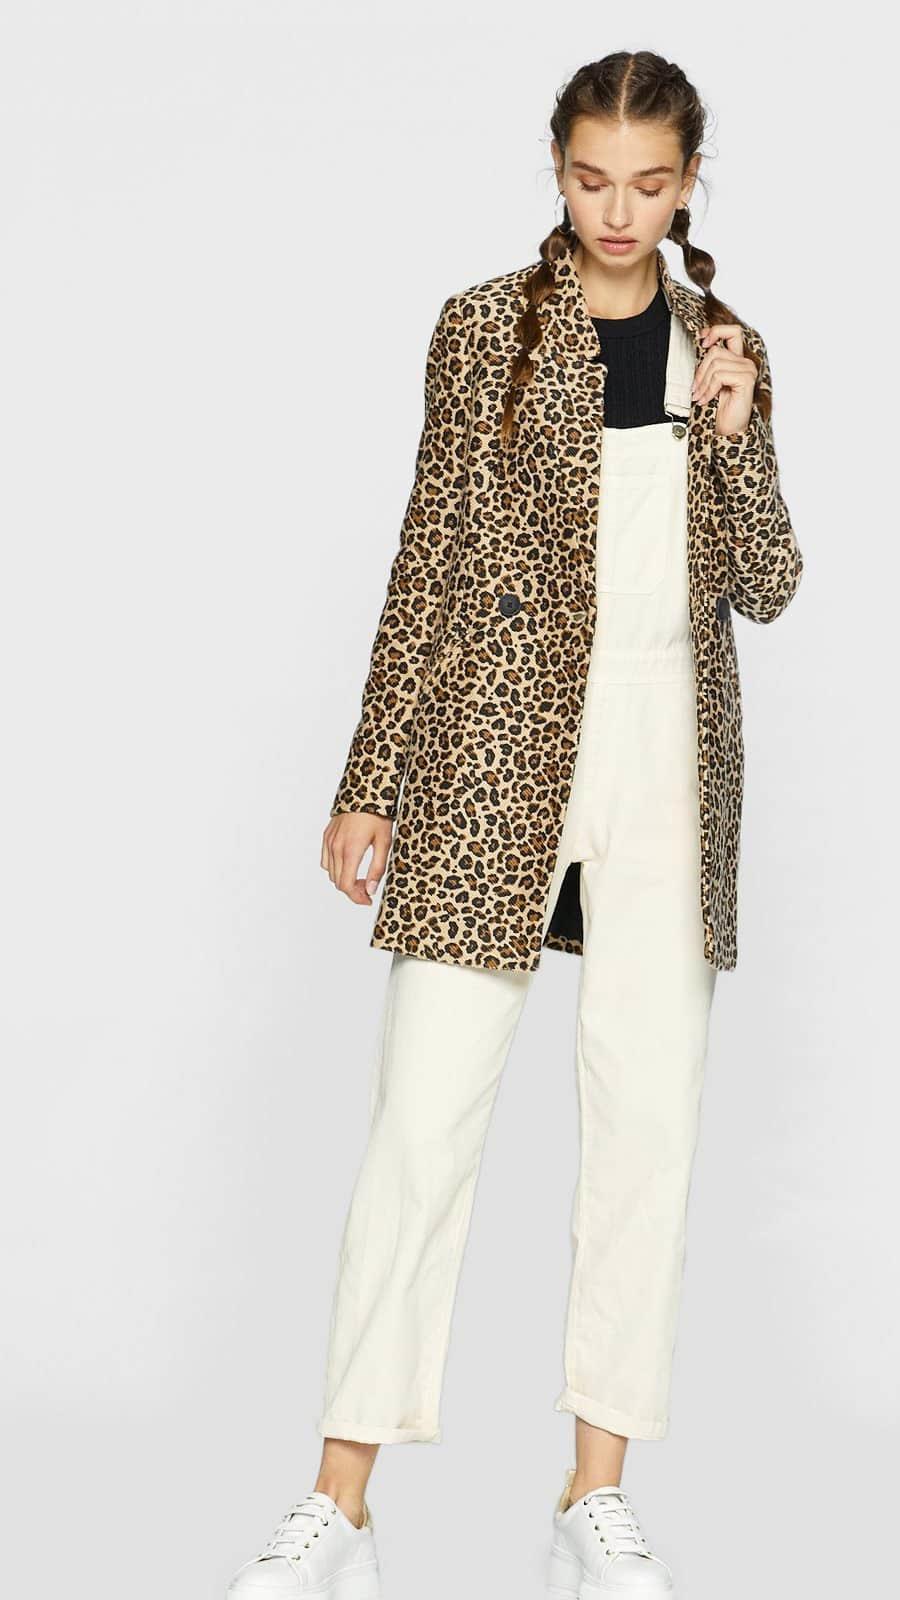 a763e57b0 Sofía Vergara y los abrigos de pelo sintético de leopardo del ...